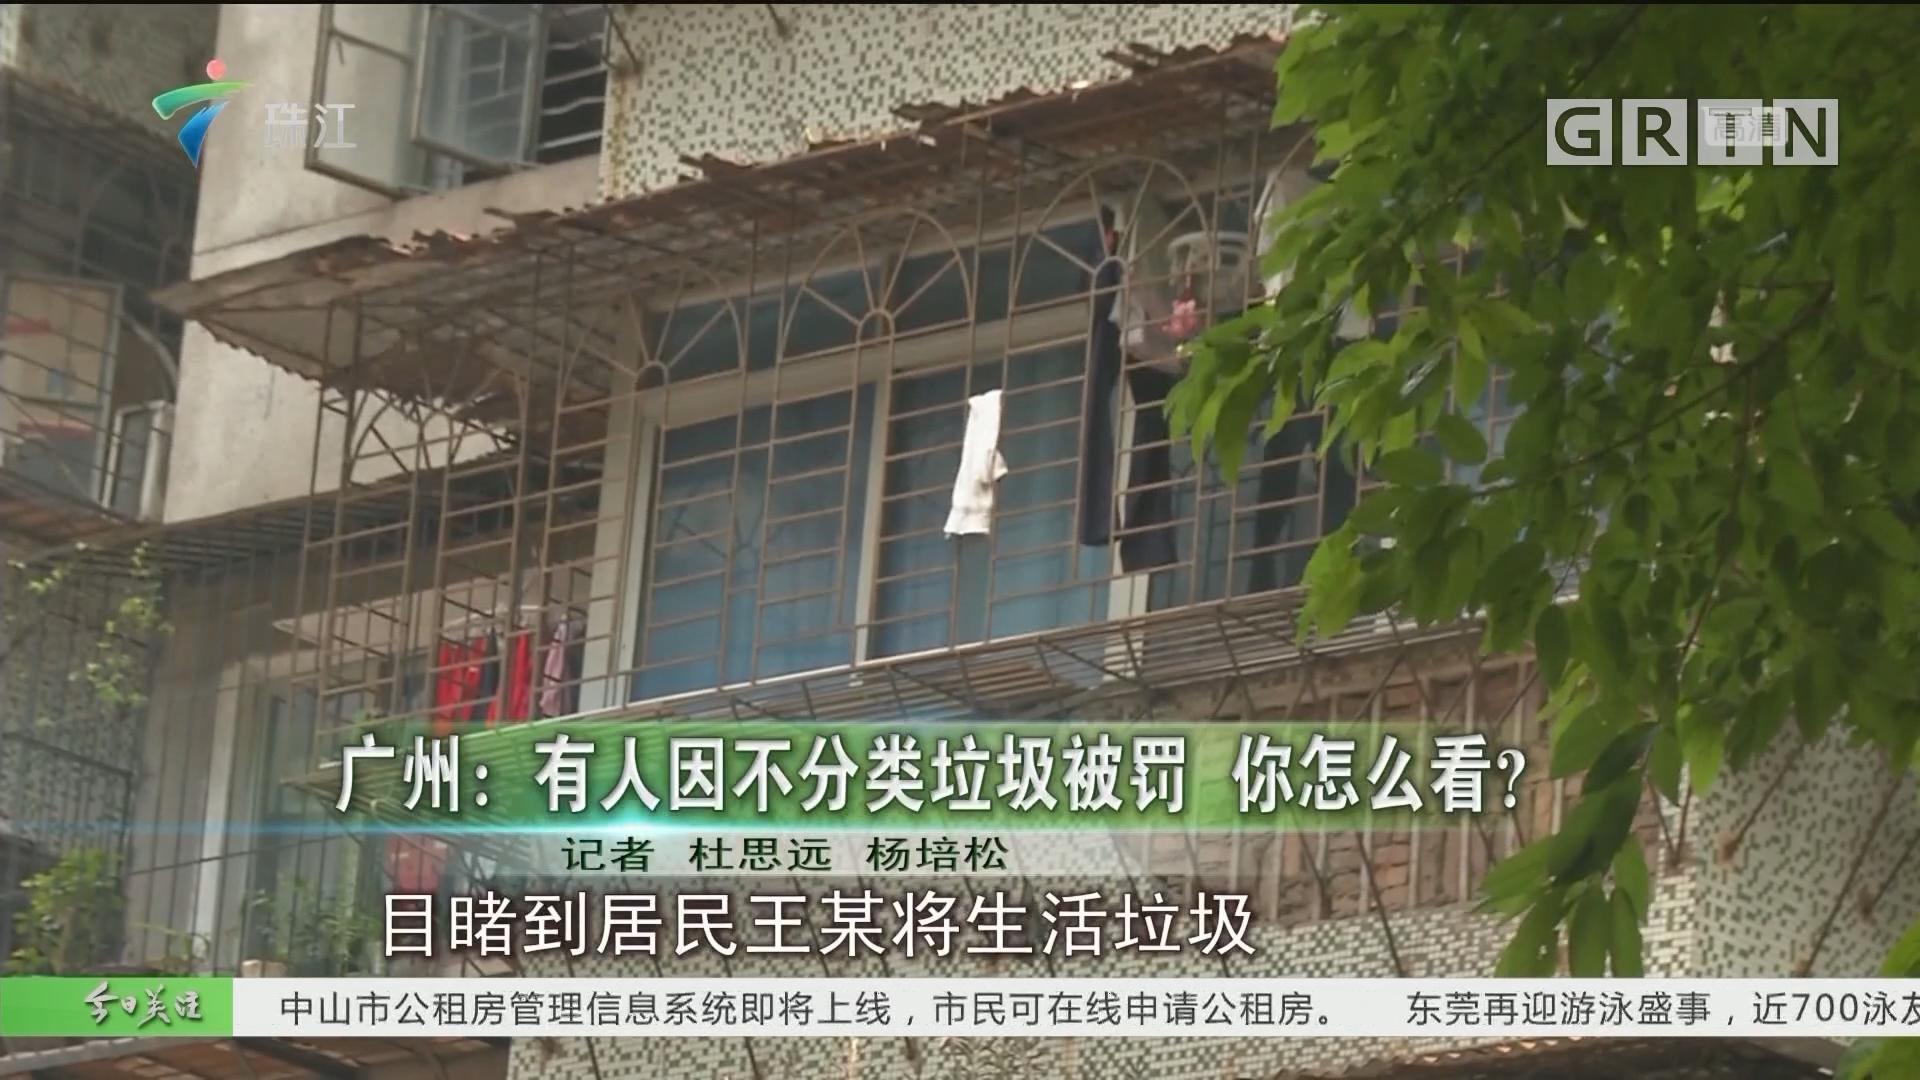 广州:有人因不分类垃圾被罚 你怎么看?